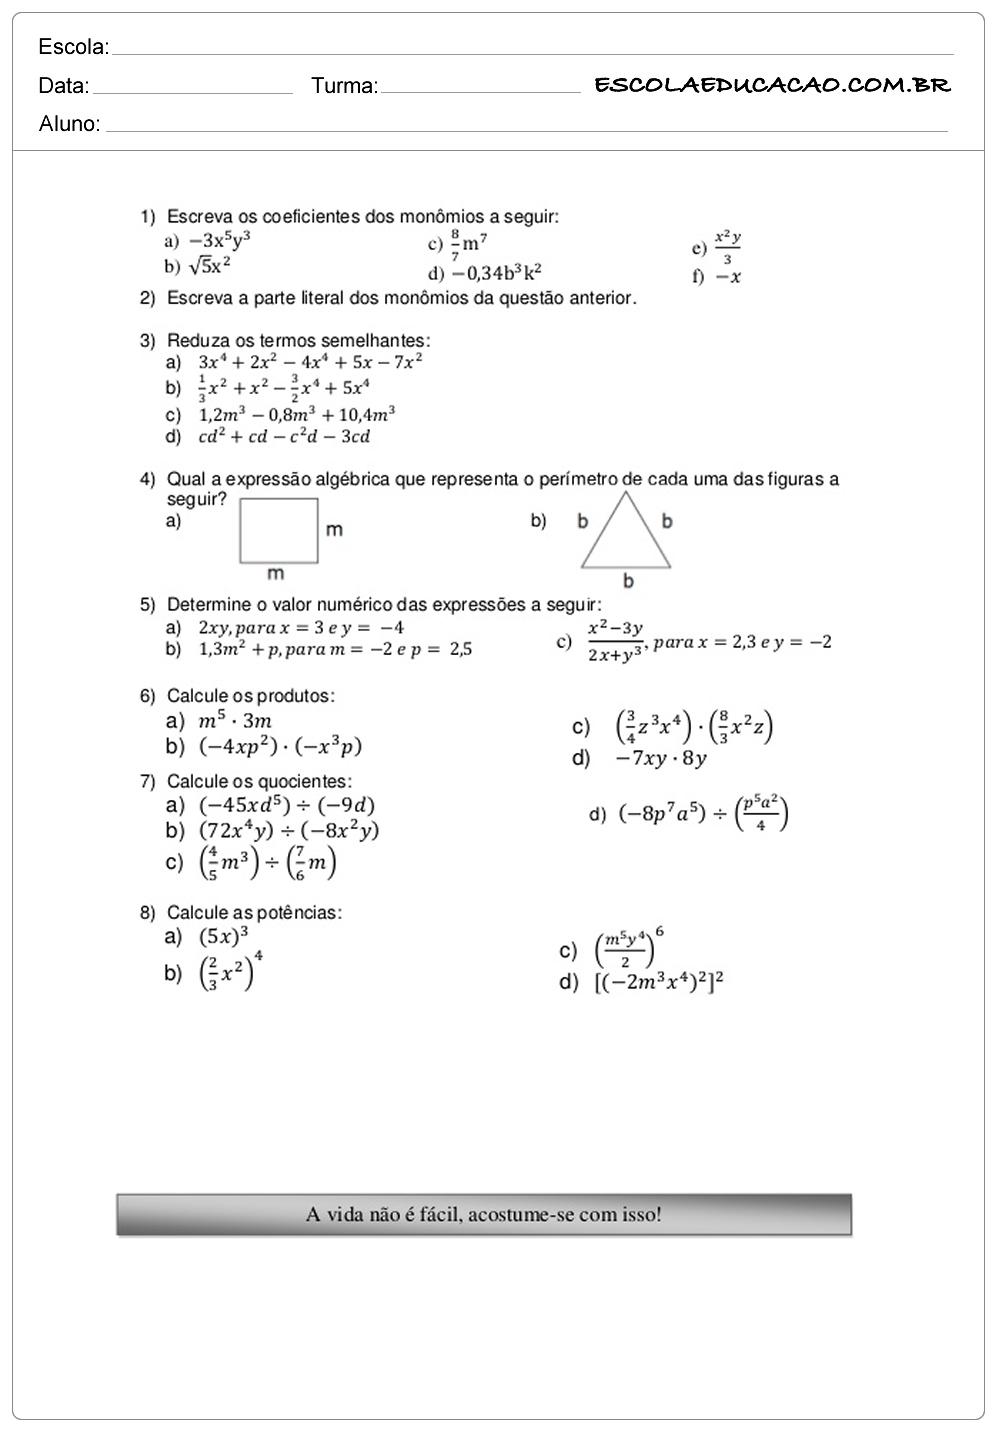 Atividades de Matemática 8º ano resolva as questões